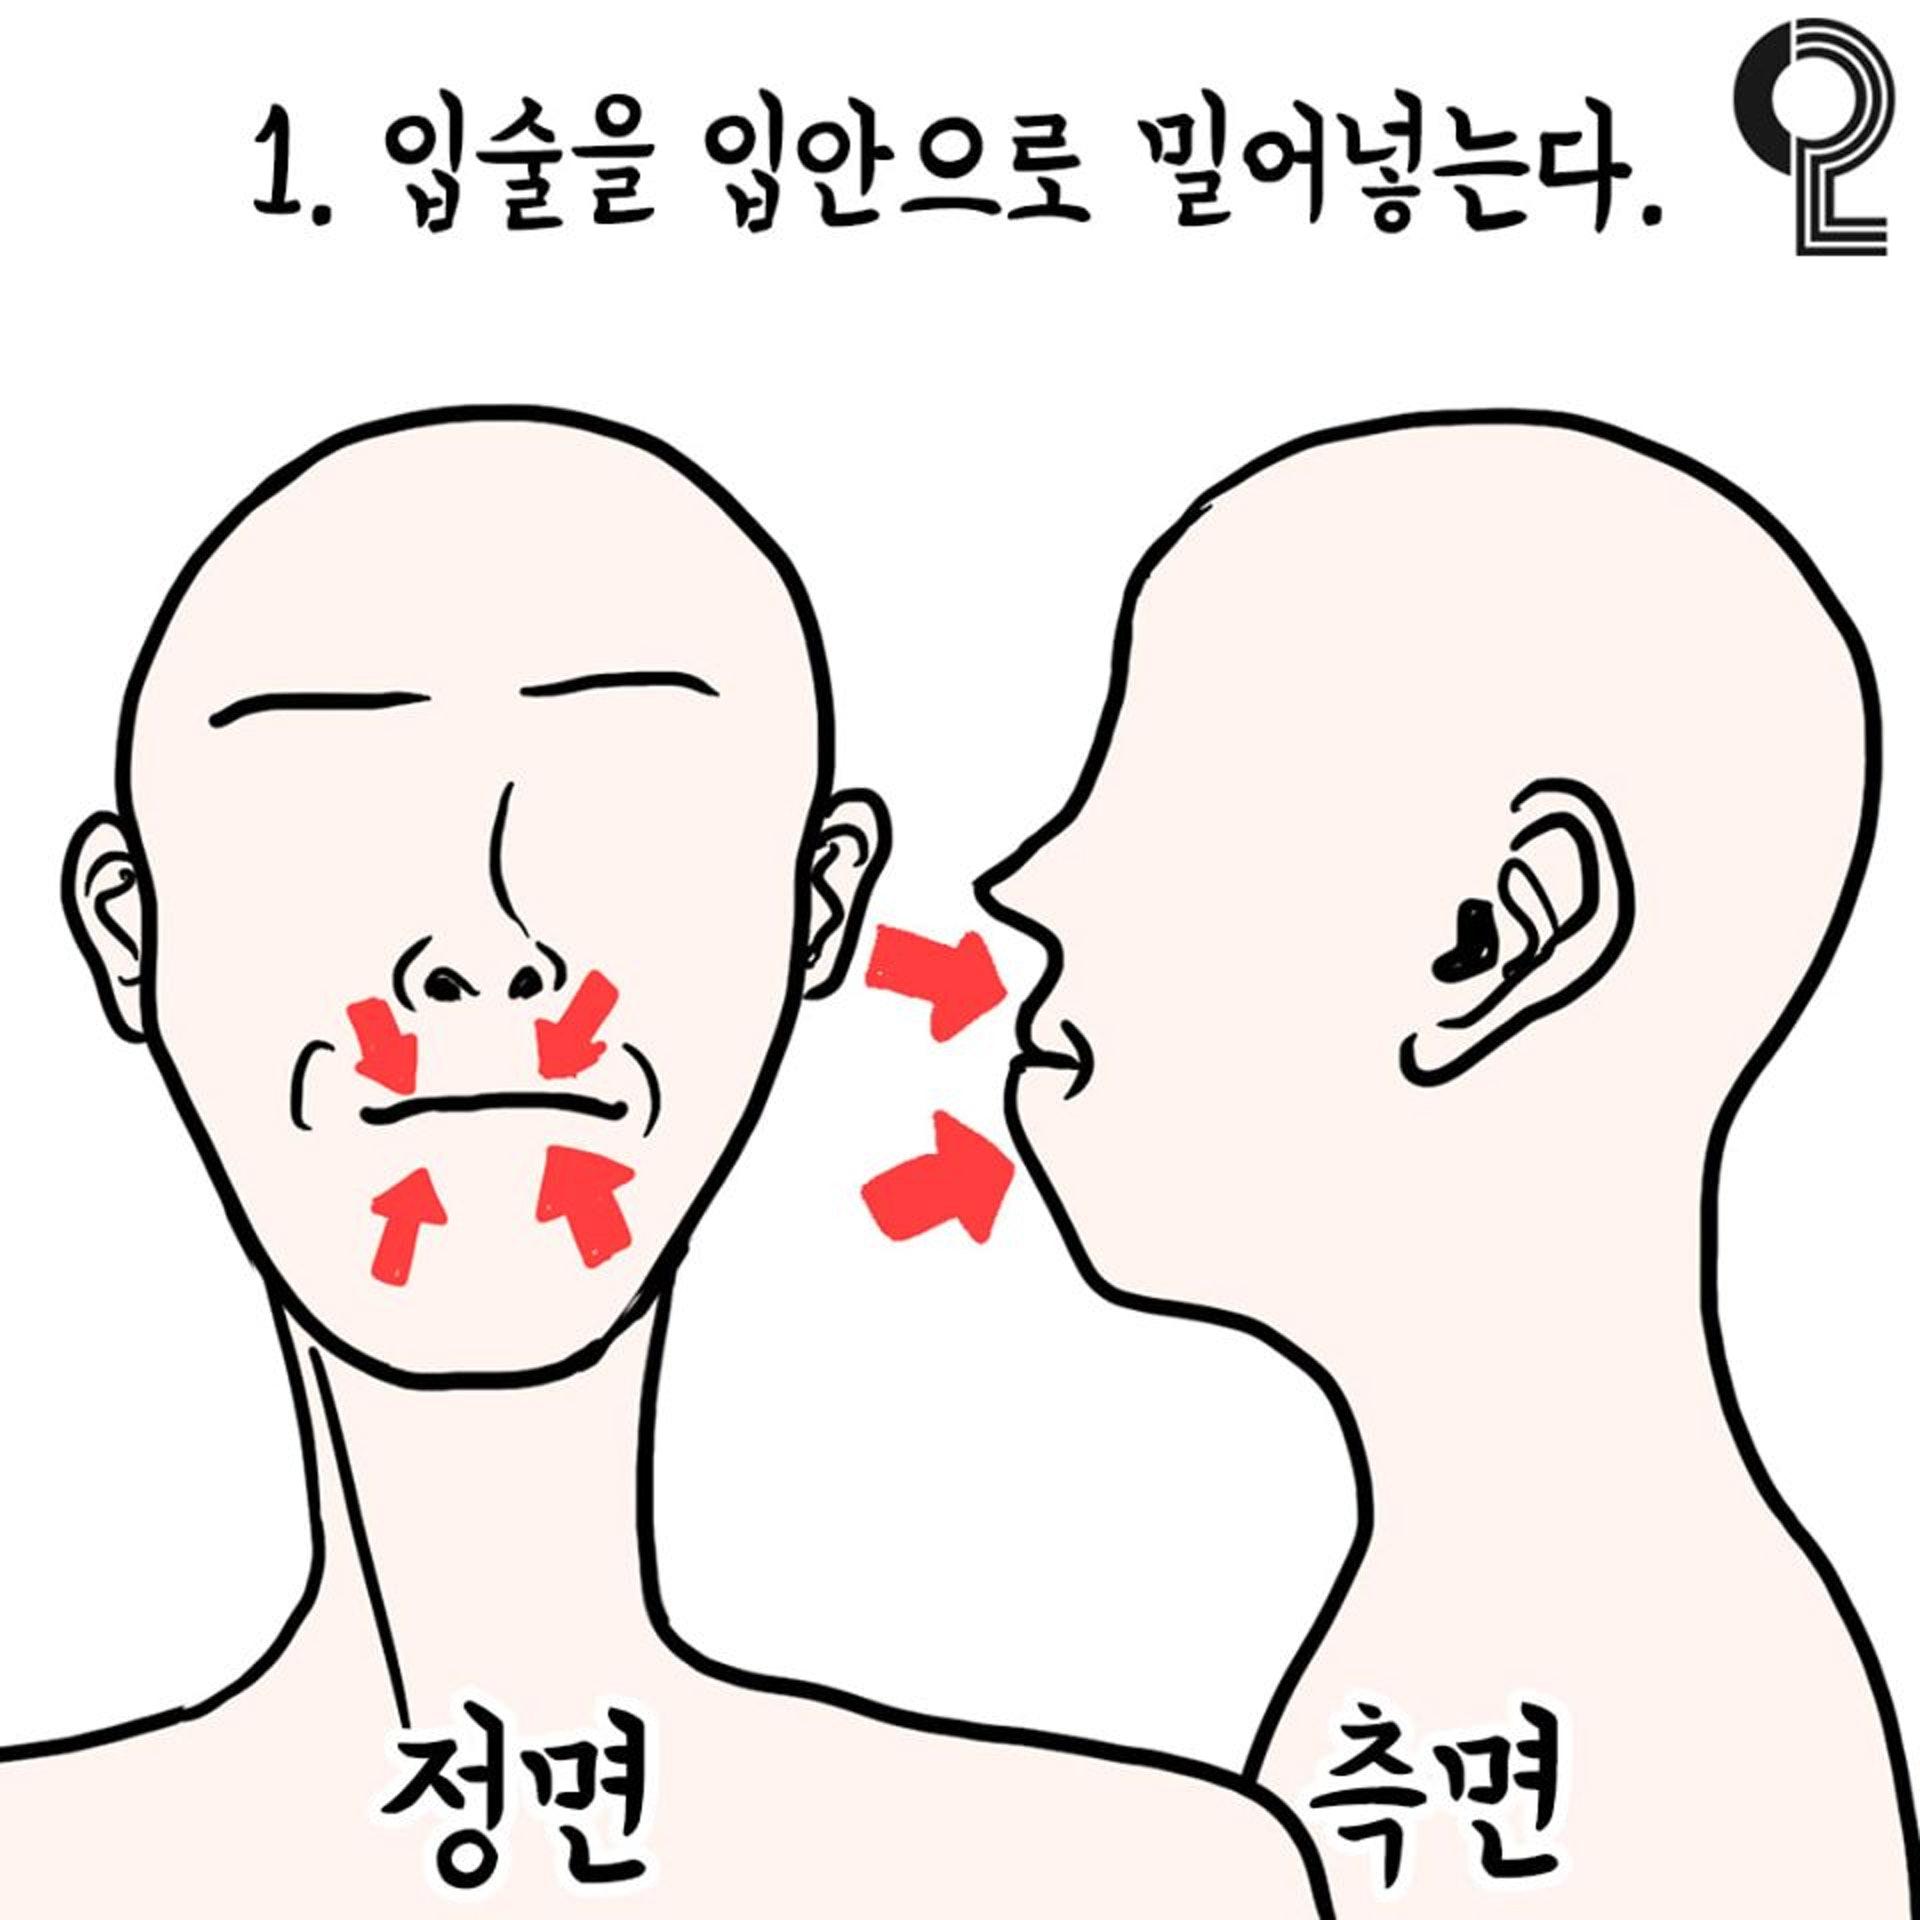 1. 將嘴唇推向自己的口腔內。